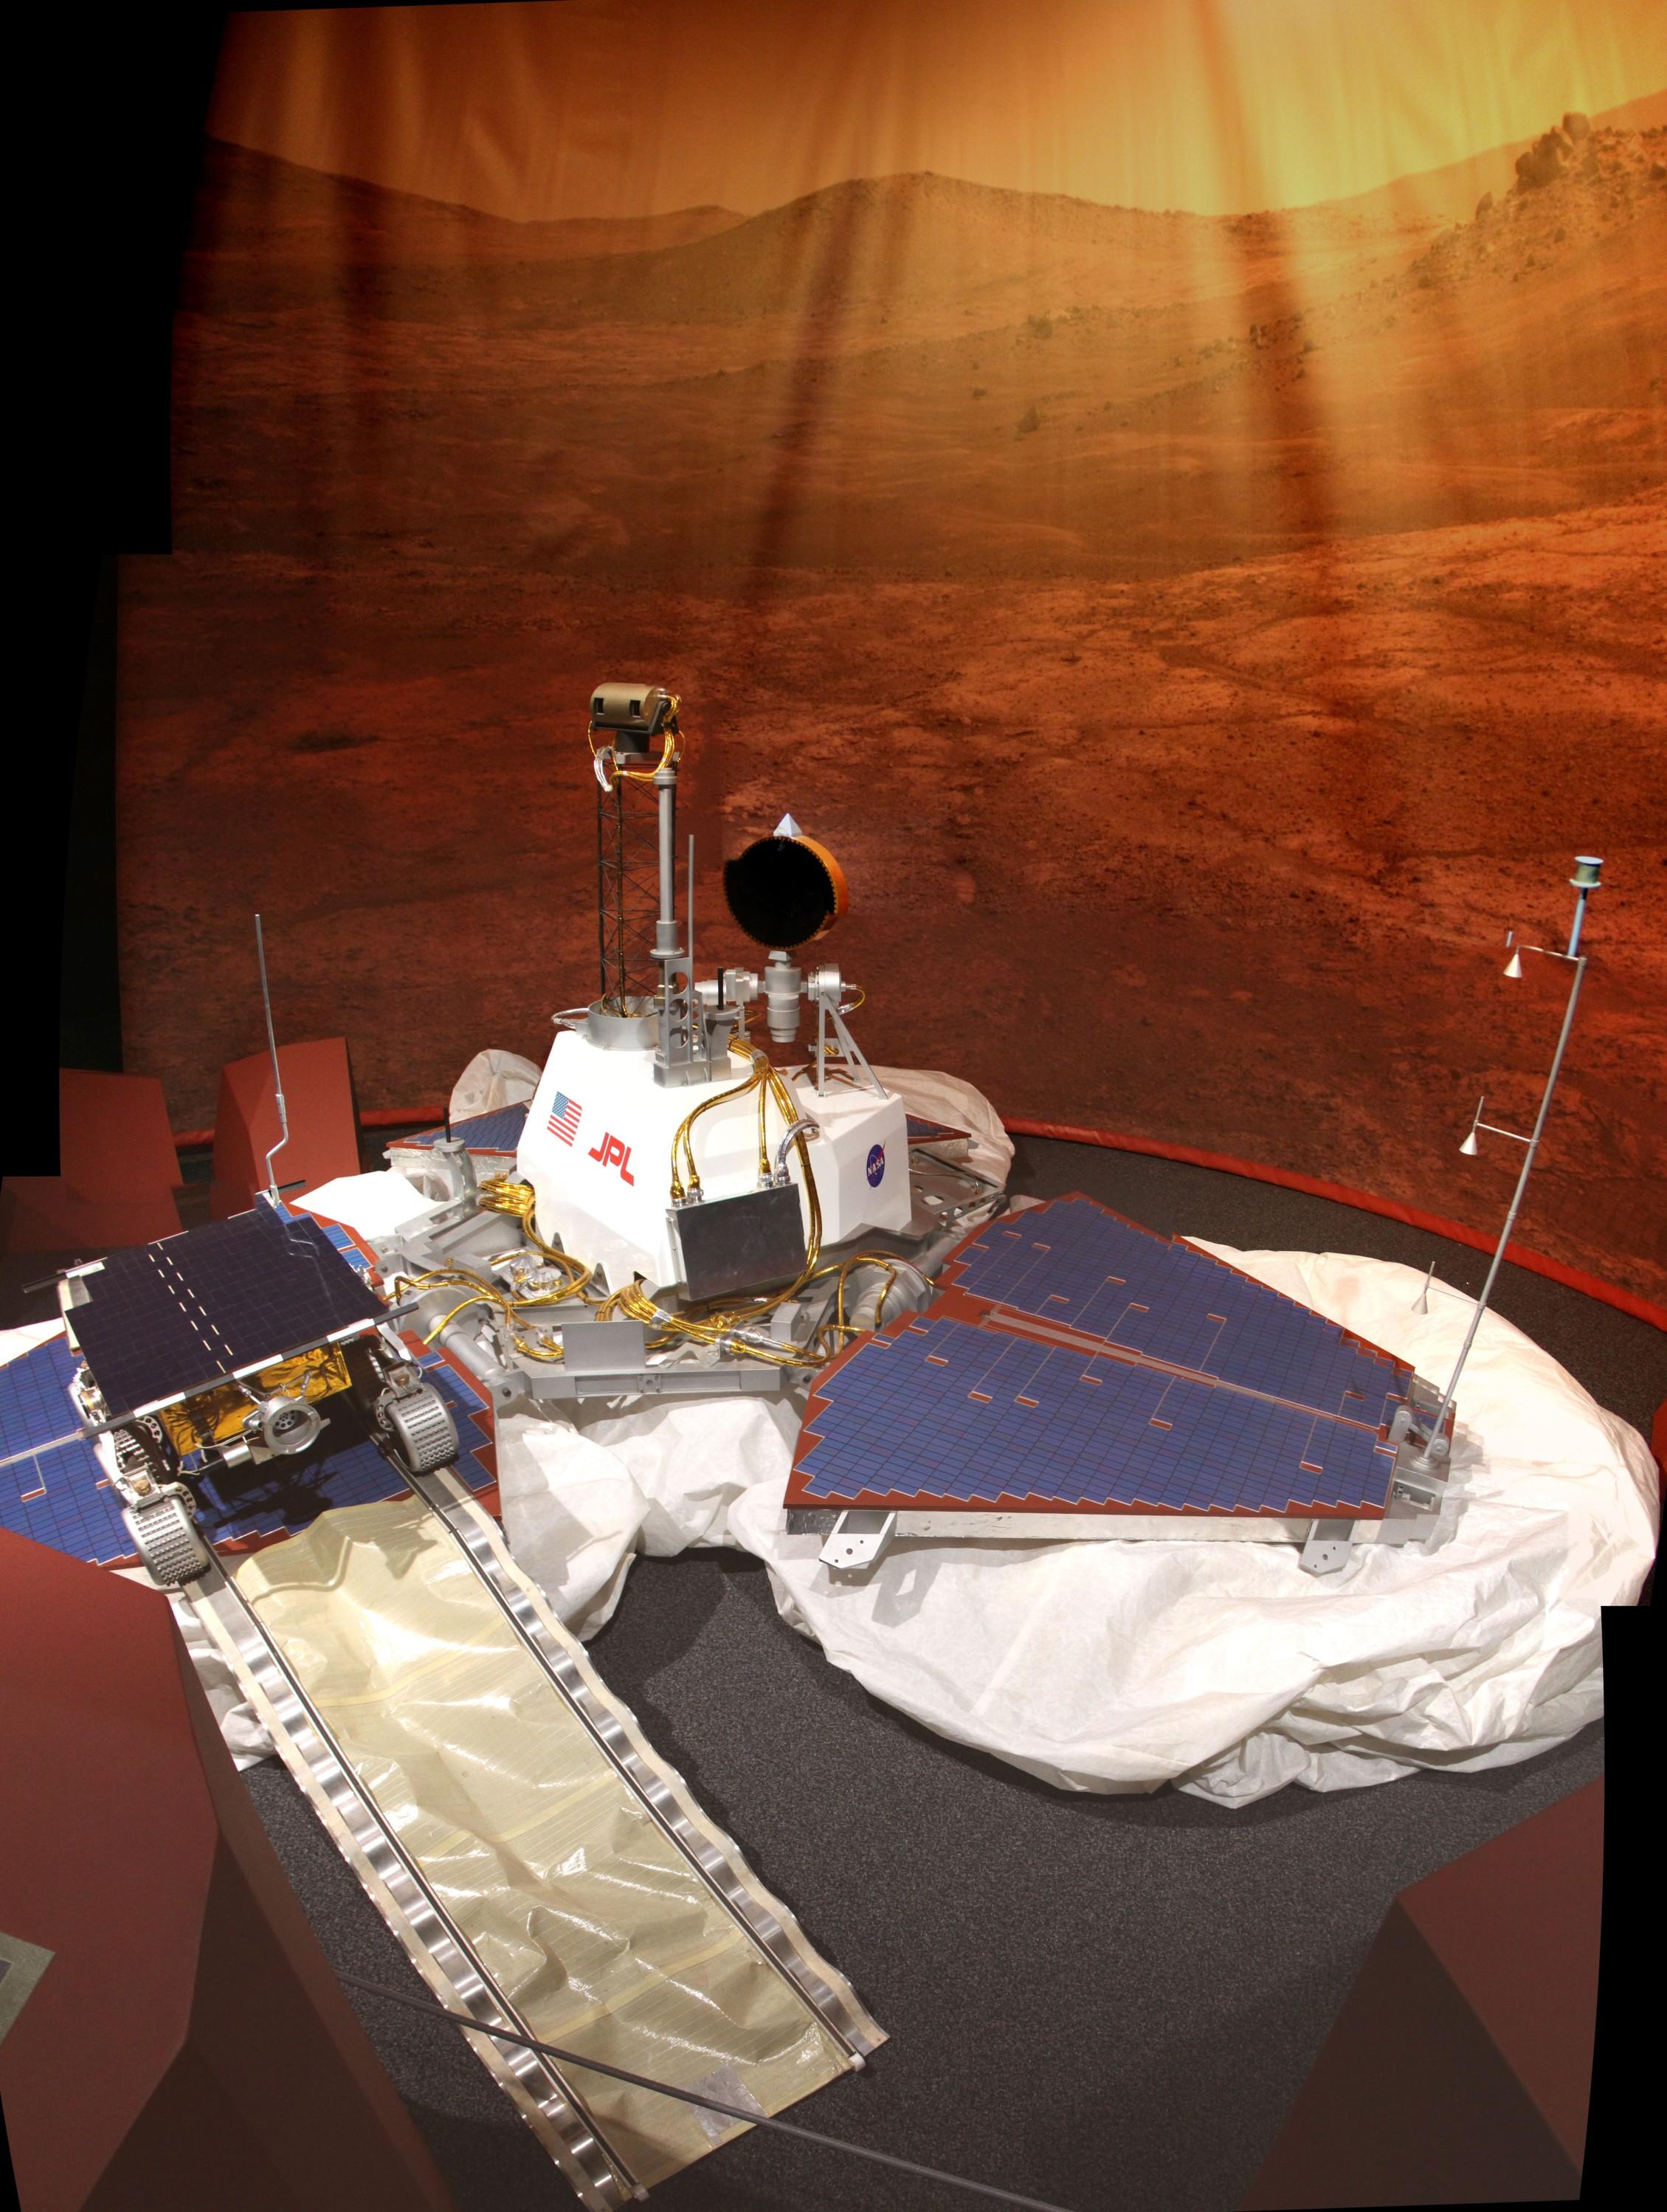 16 02 18 - 15h 50m 08s - Explorez Mars Palais de la Découverte_stitch r